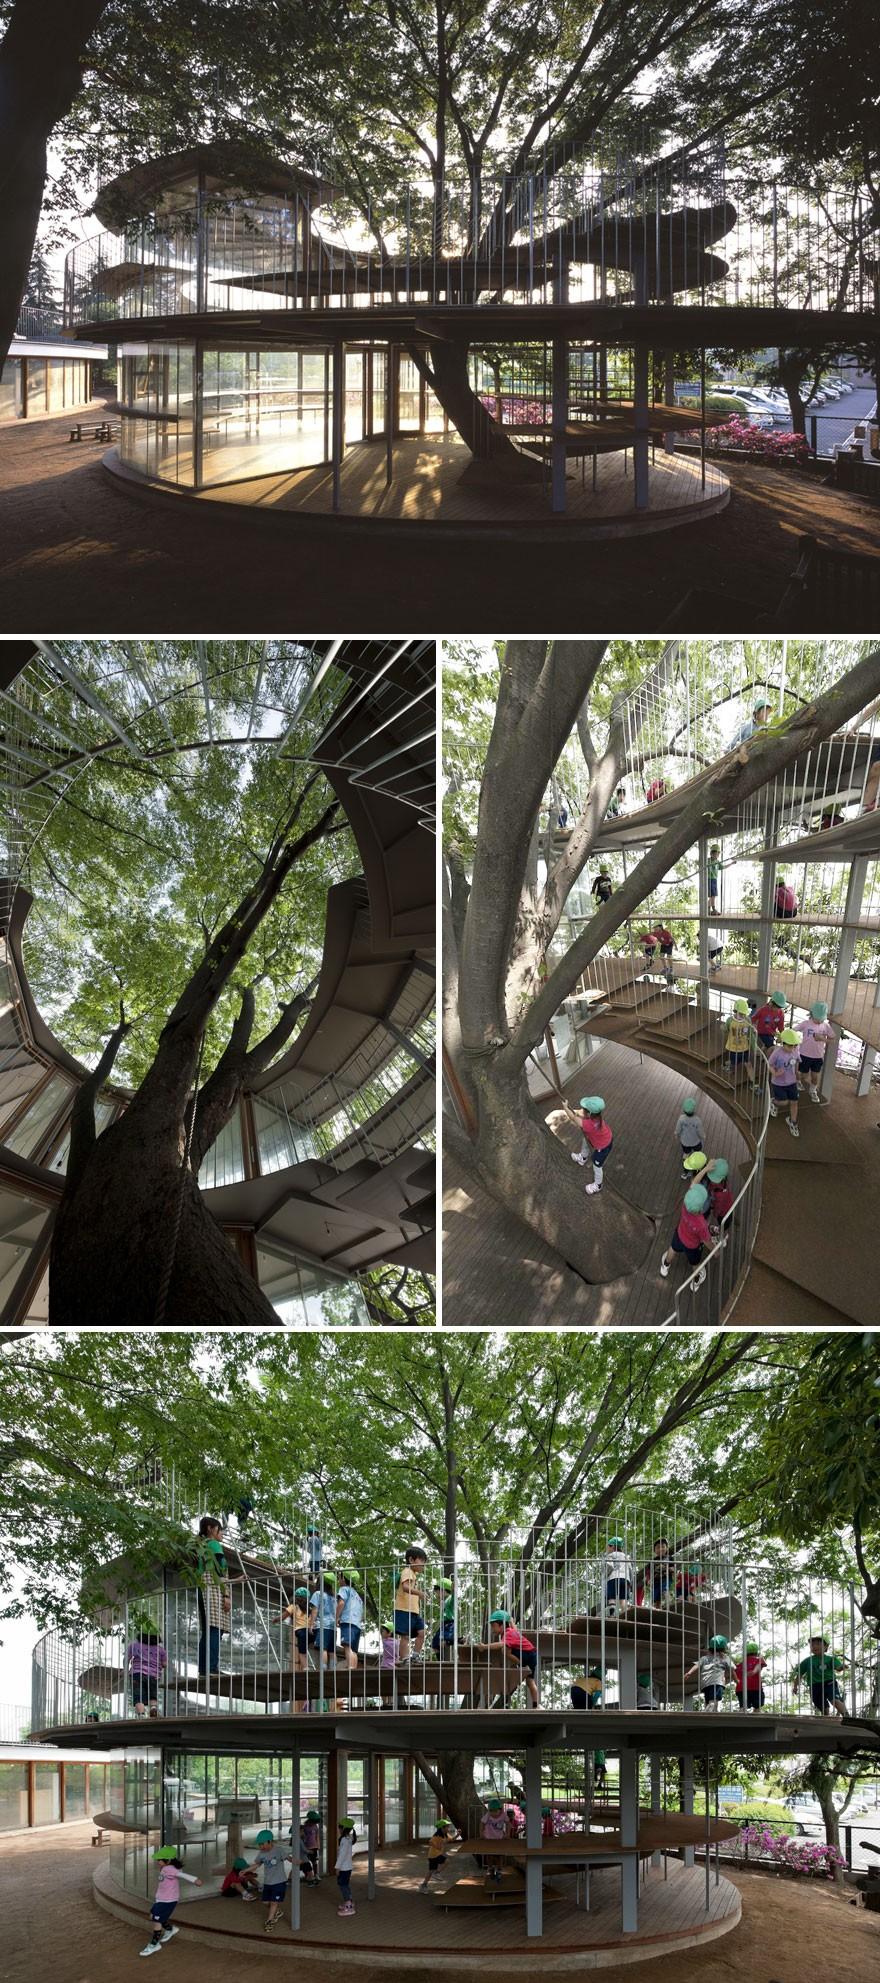 (Foto: Reprodução/tezuka architect)